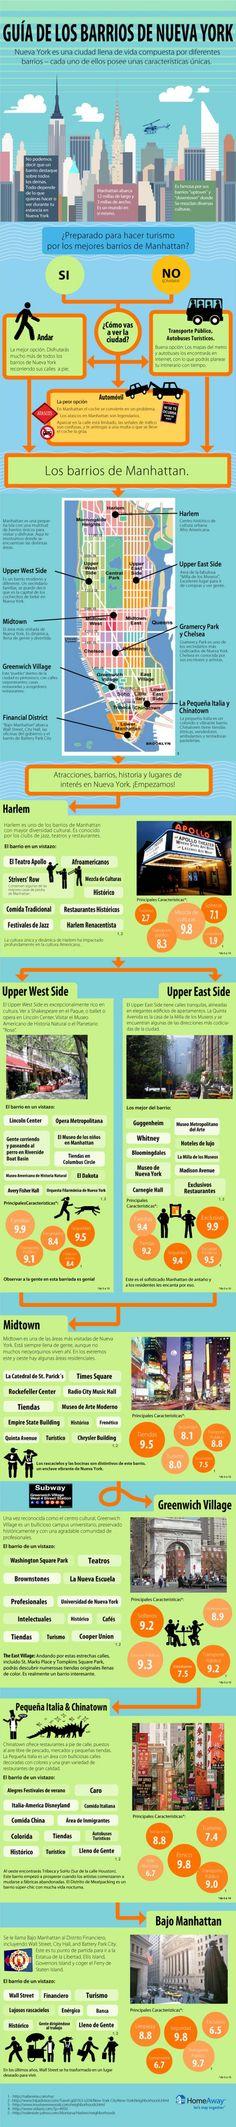 Guía de los barrios de Nueva York